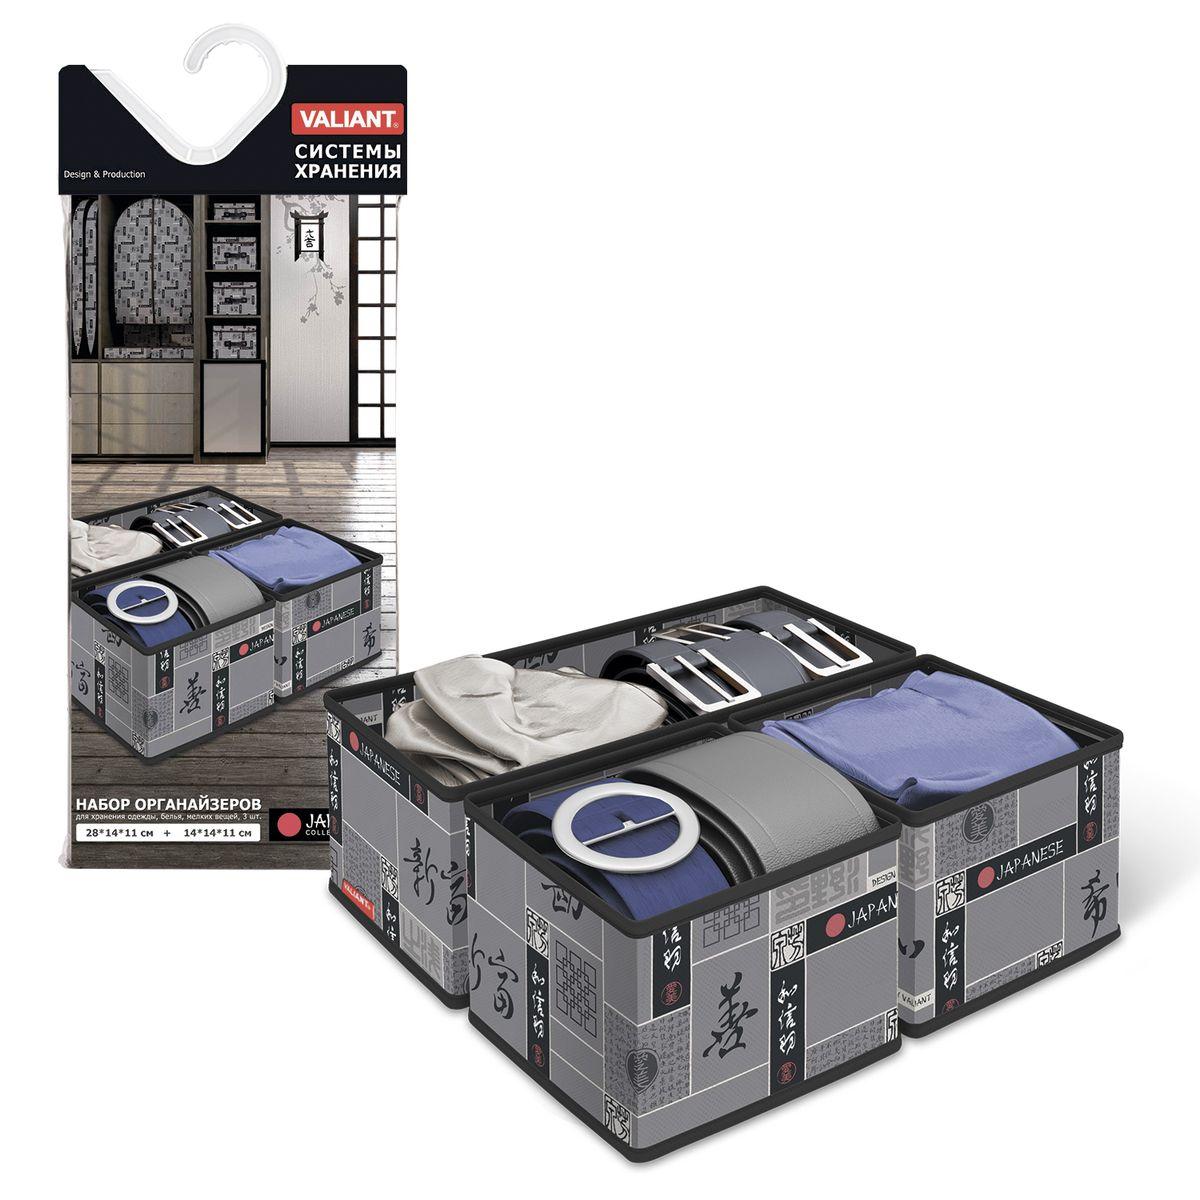 Набор органайзеров Valiant Japanese Black, 3 штJB-S3Набор Valiant Japanese Black состоит из трех органайзеров для хранения аксессуаров. Изделия выполнены из высококачественного нетканого материала (спанбонда), который обеспечивает естественную вентиляцию, позволяя воздуху проникать внутрь, но не пропускает пыль. Вставки из плотного картона хорошо держат форму. Система хранения Japanese Black создаст трогательную атмосферу романтического настроения. Оригинальный дизайн придется по вкусу ценительницам эстетичного хранения. Размер органайзеров: 28 х 14 х 11 см, 14 х 14 х 11 см.